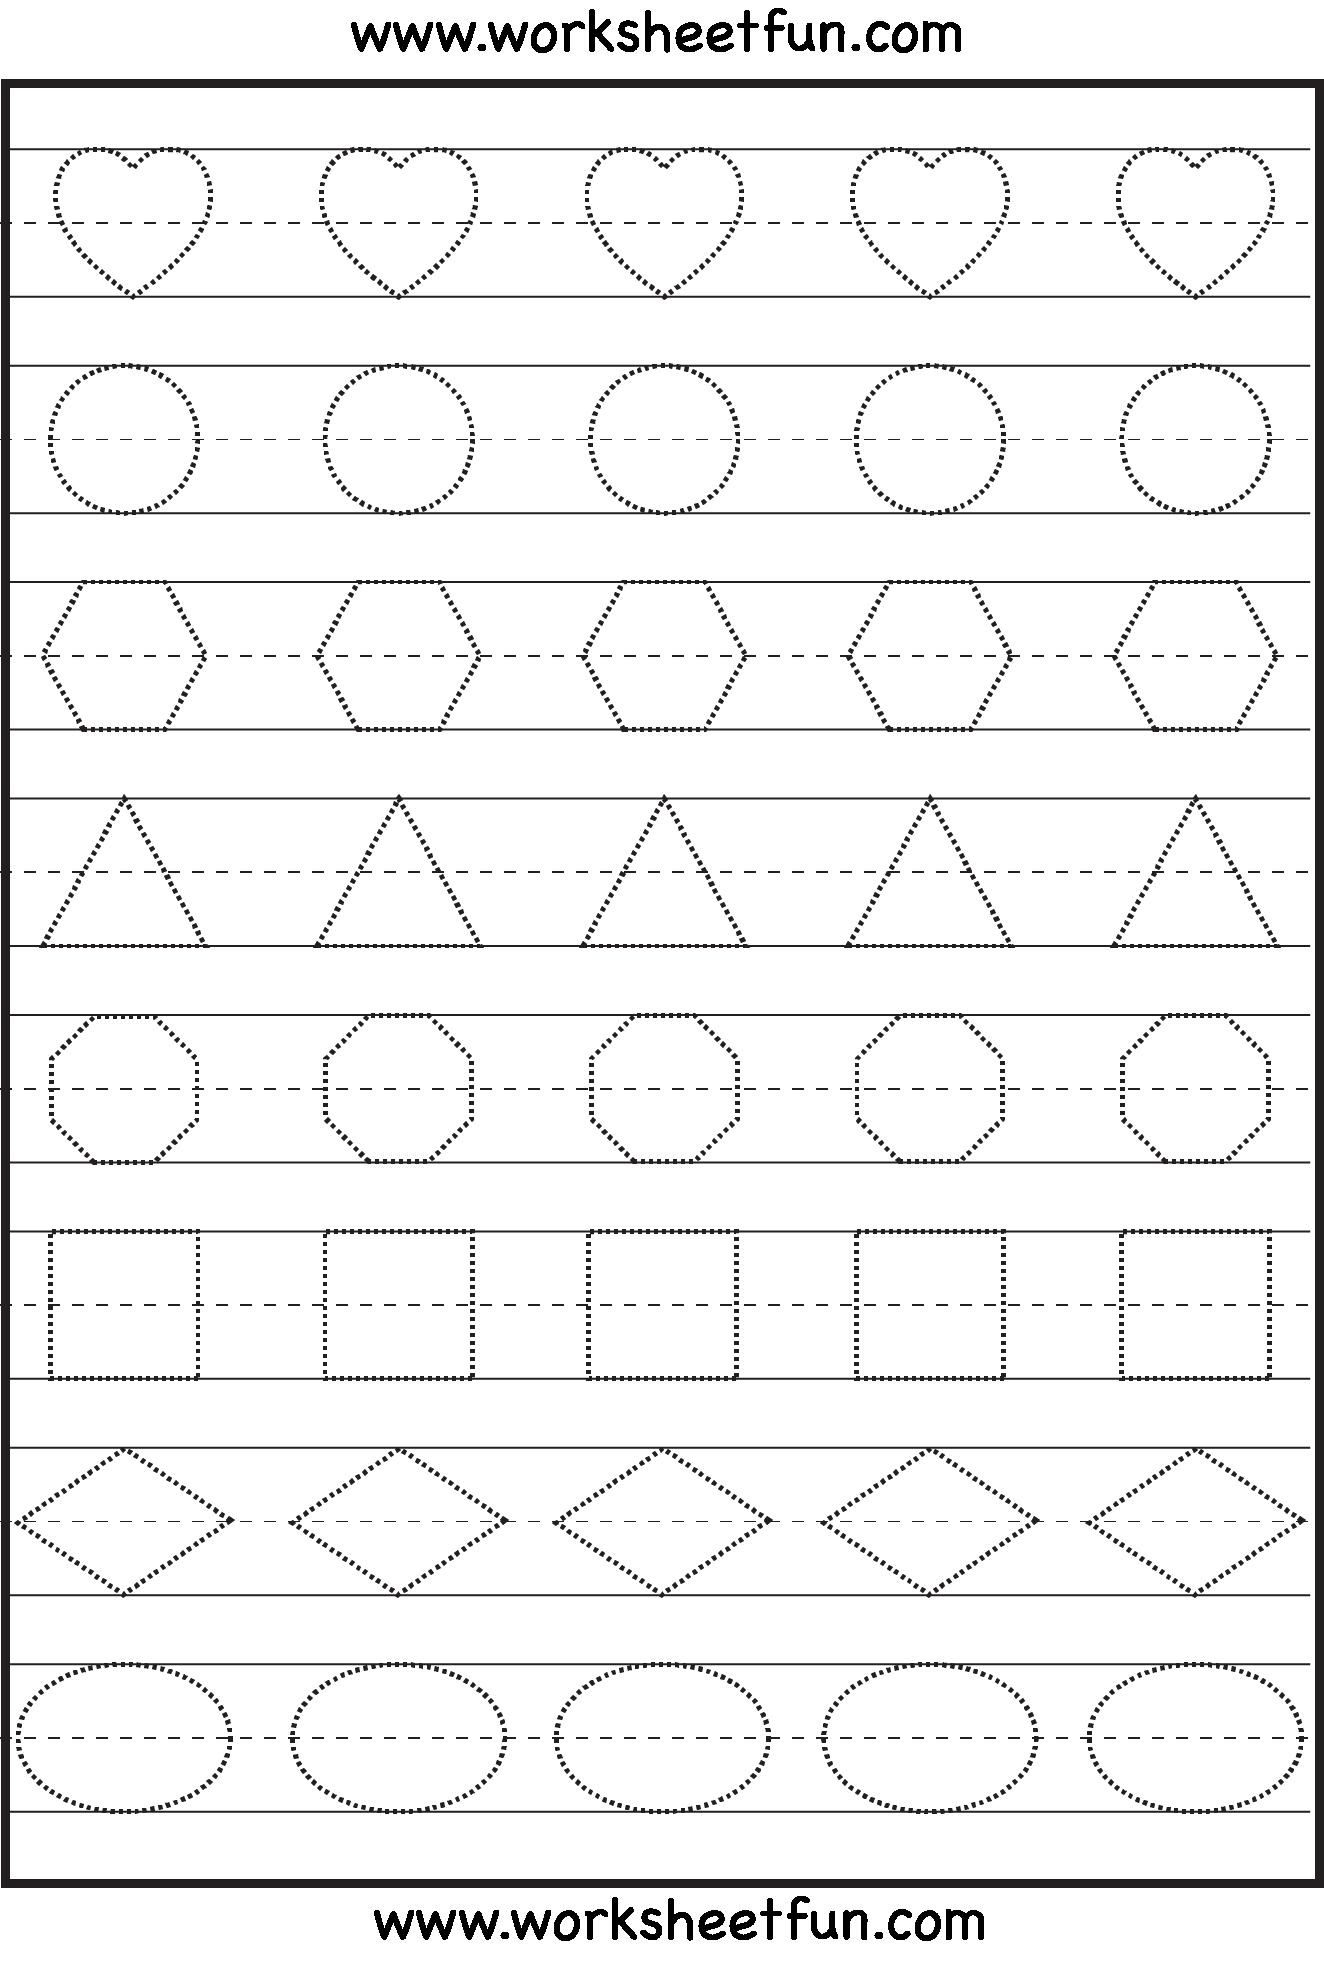 Free Printable Preschool Worksheets Shapes